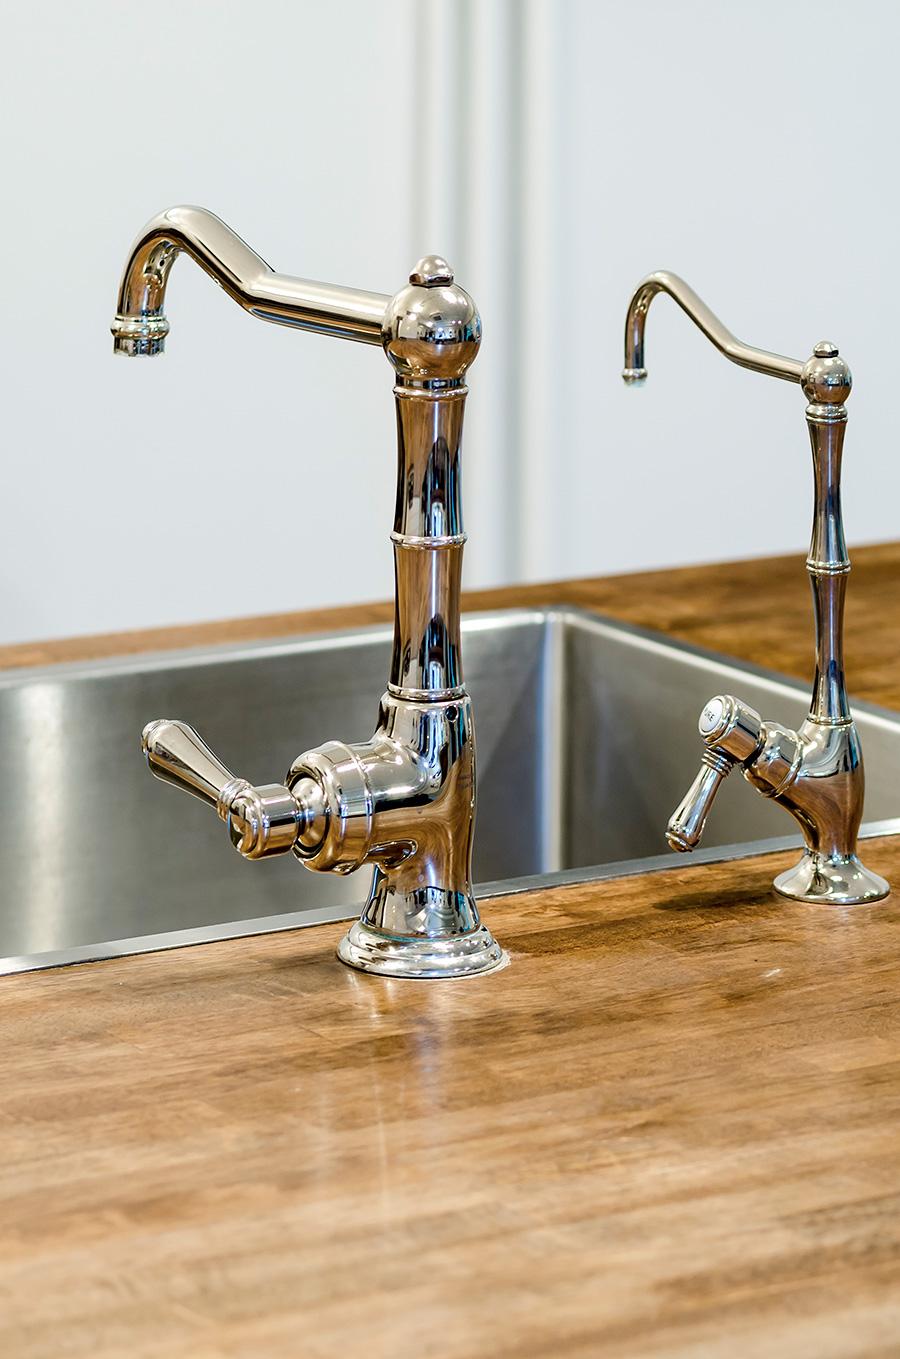 水栓と浄水器はイタリア製のポリッシュニッケル